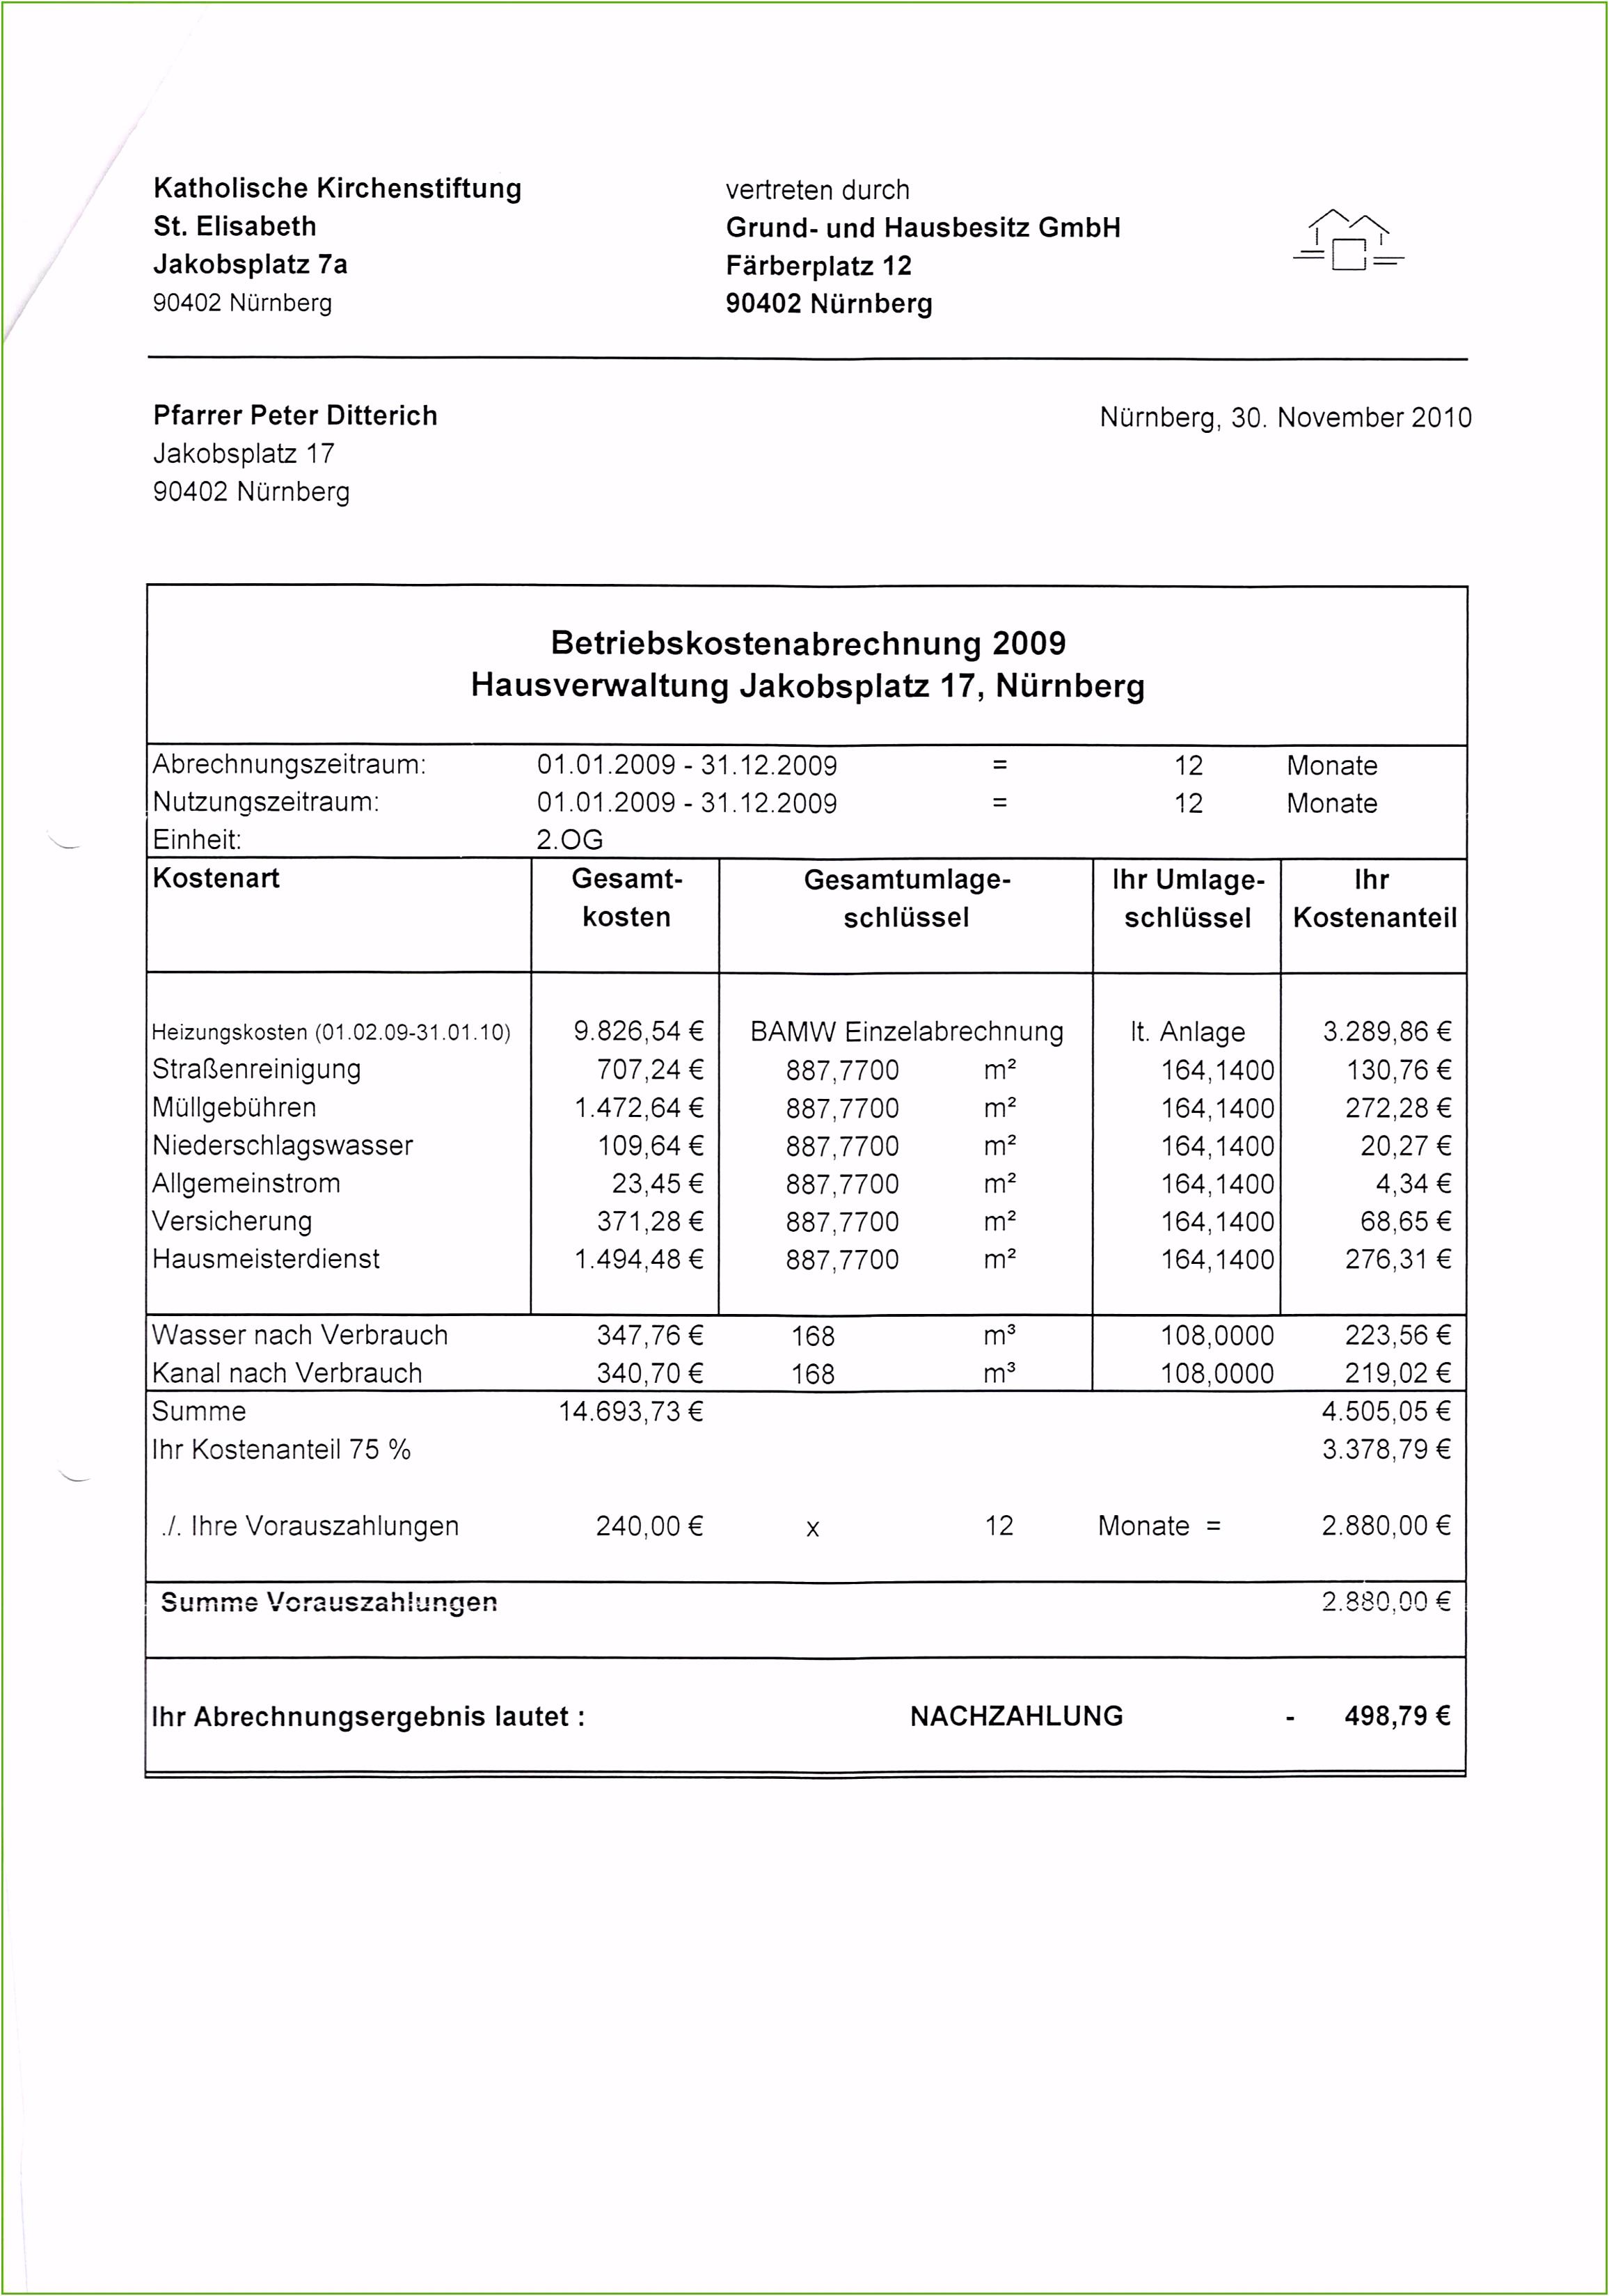 Sonderkundigung Dsl Zu Langsam Vorlage Beste Vorlage Nebenkostenabrechnung Nur Für Sie H3za24fyu4 E6bfvueahs